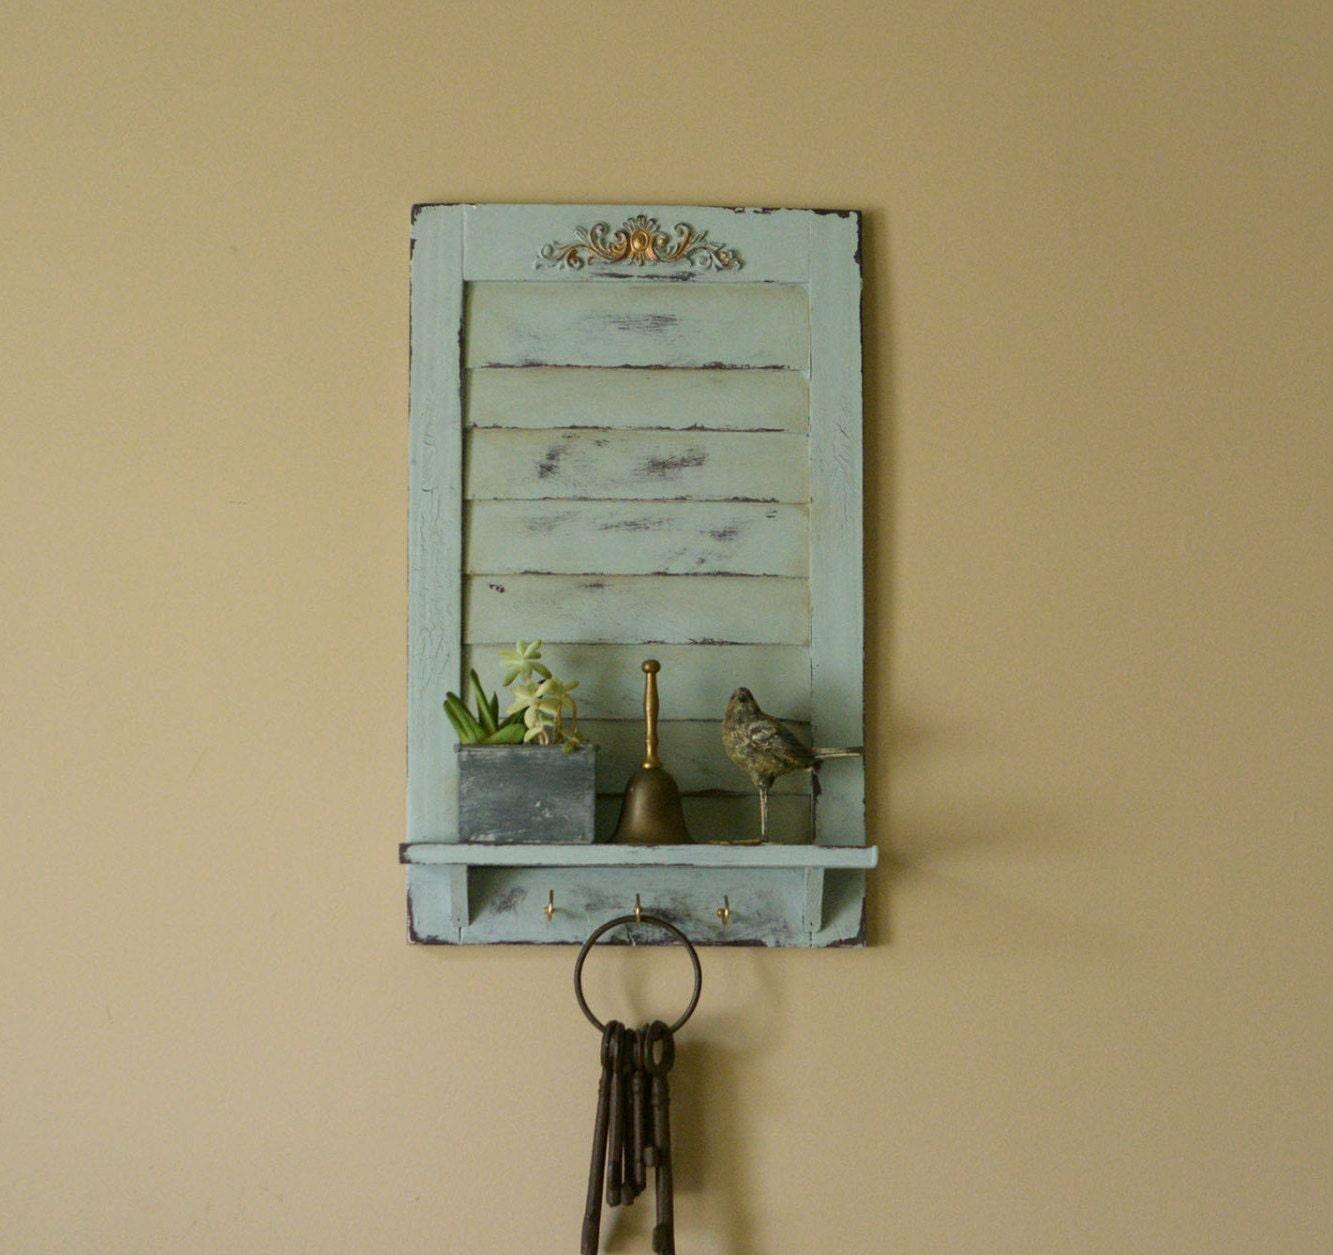 Disstressed wall shelf wall decor key hook entry shelf for Keys decorating walls